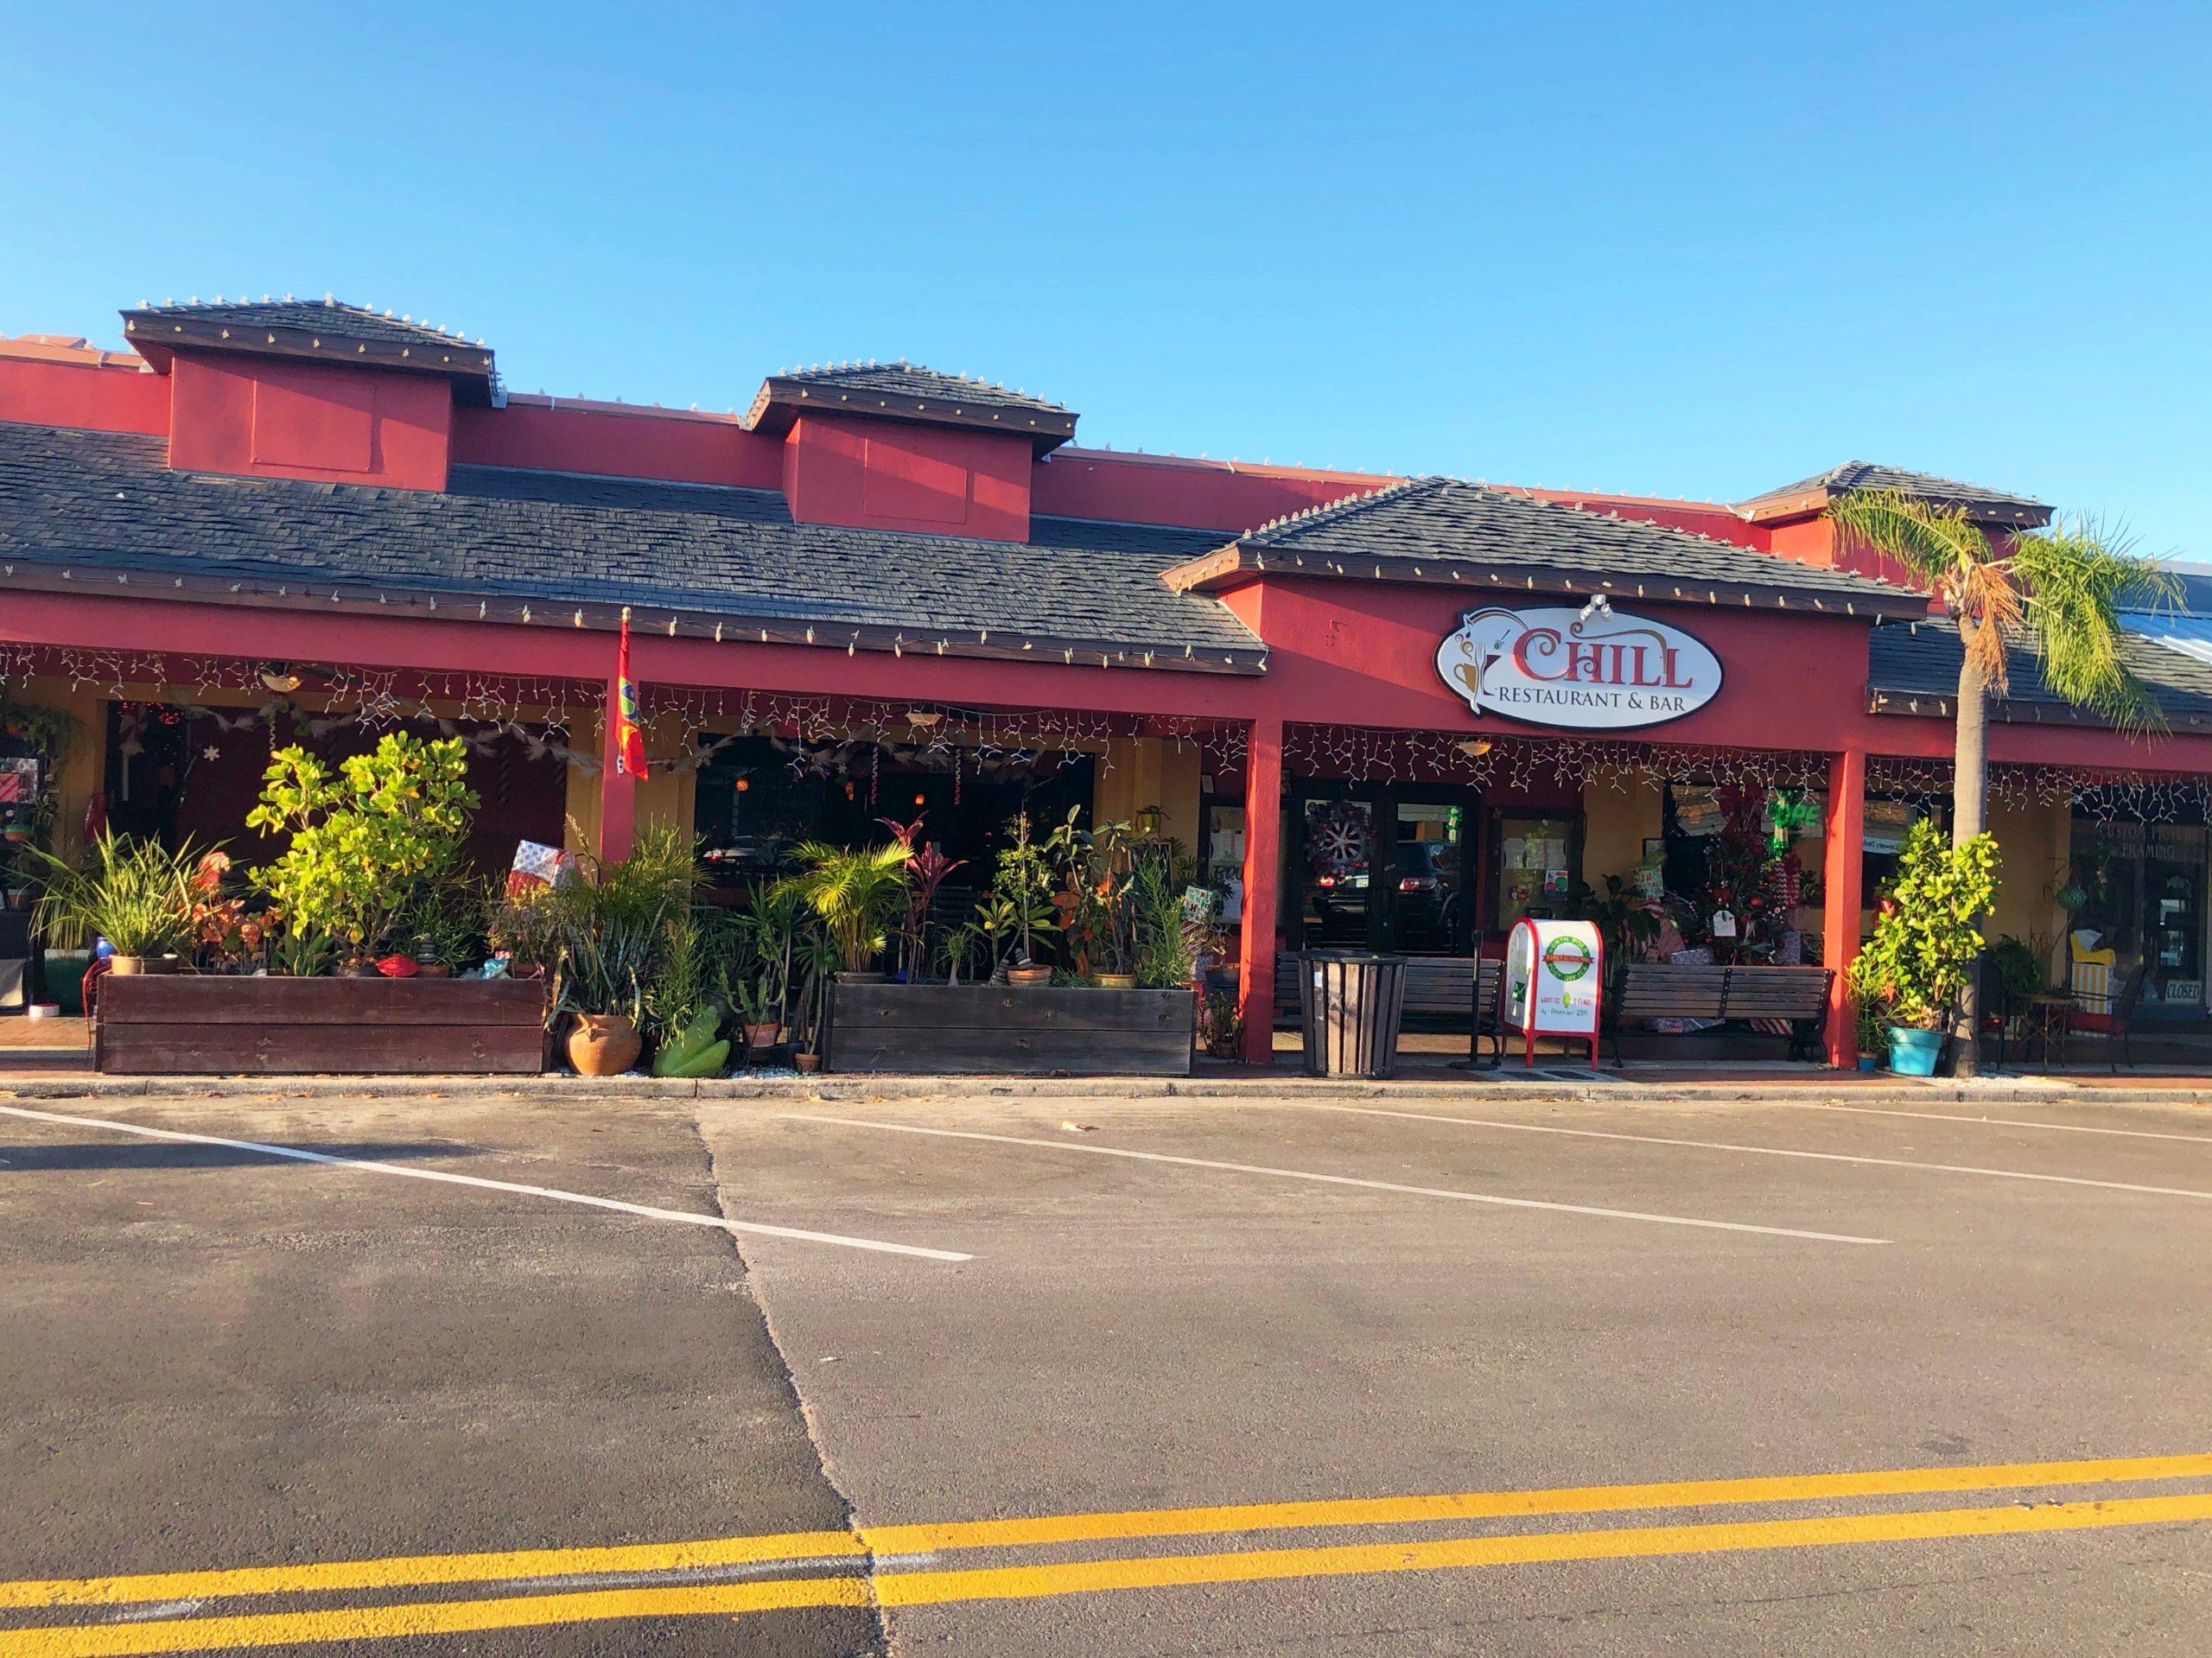 Chill Restaurant & Bar